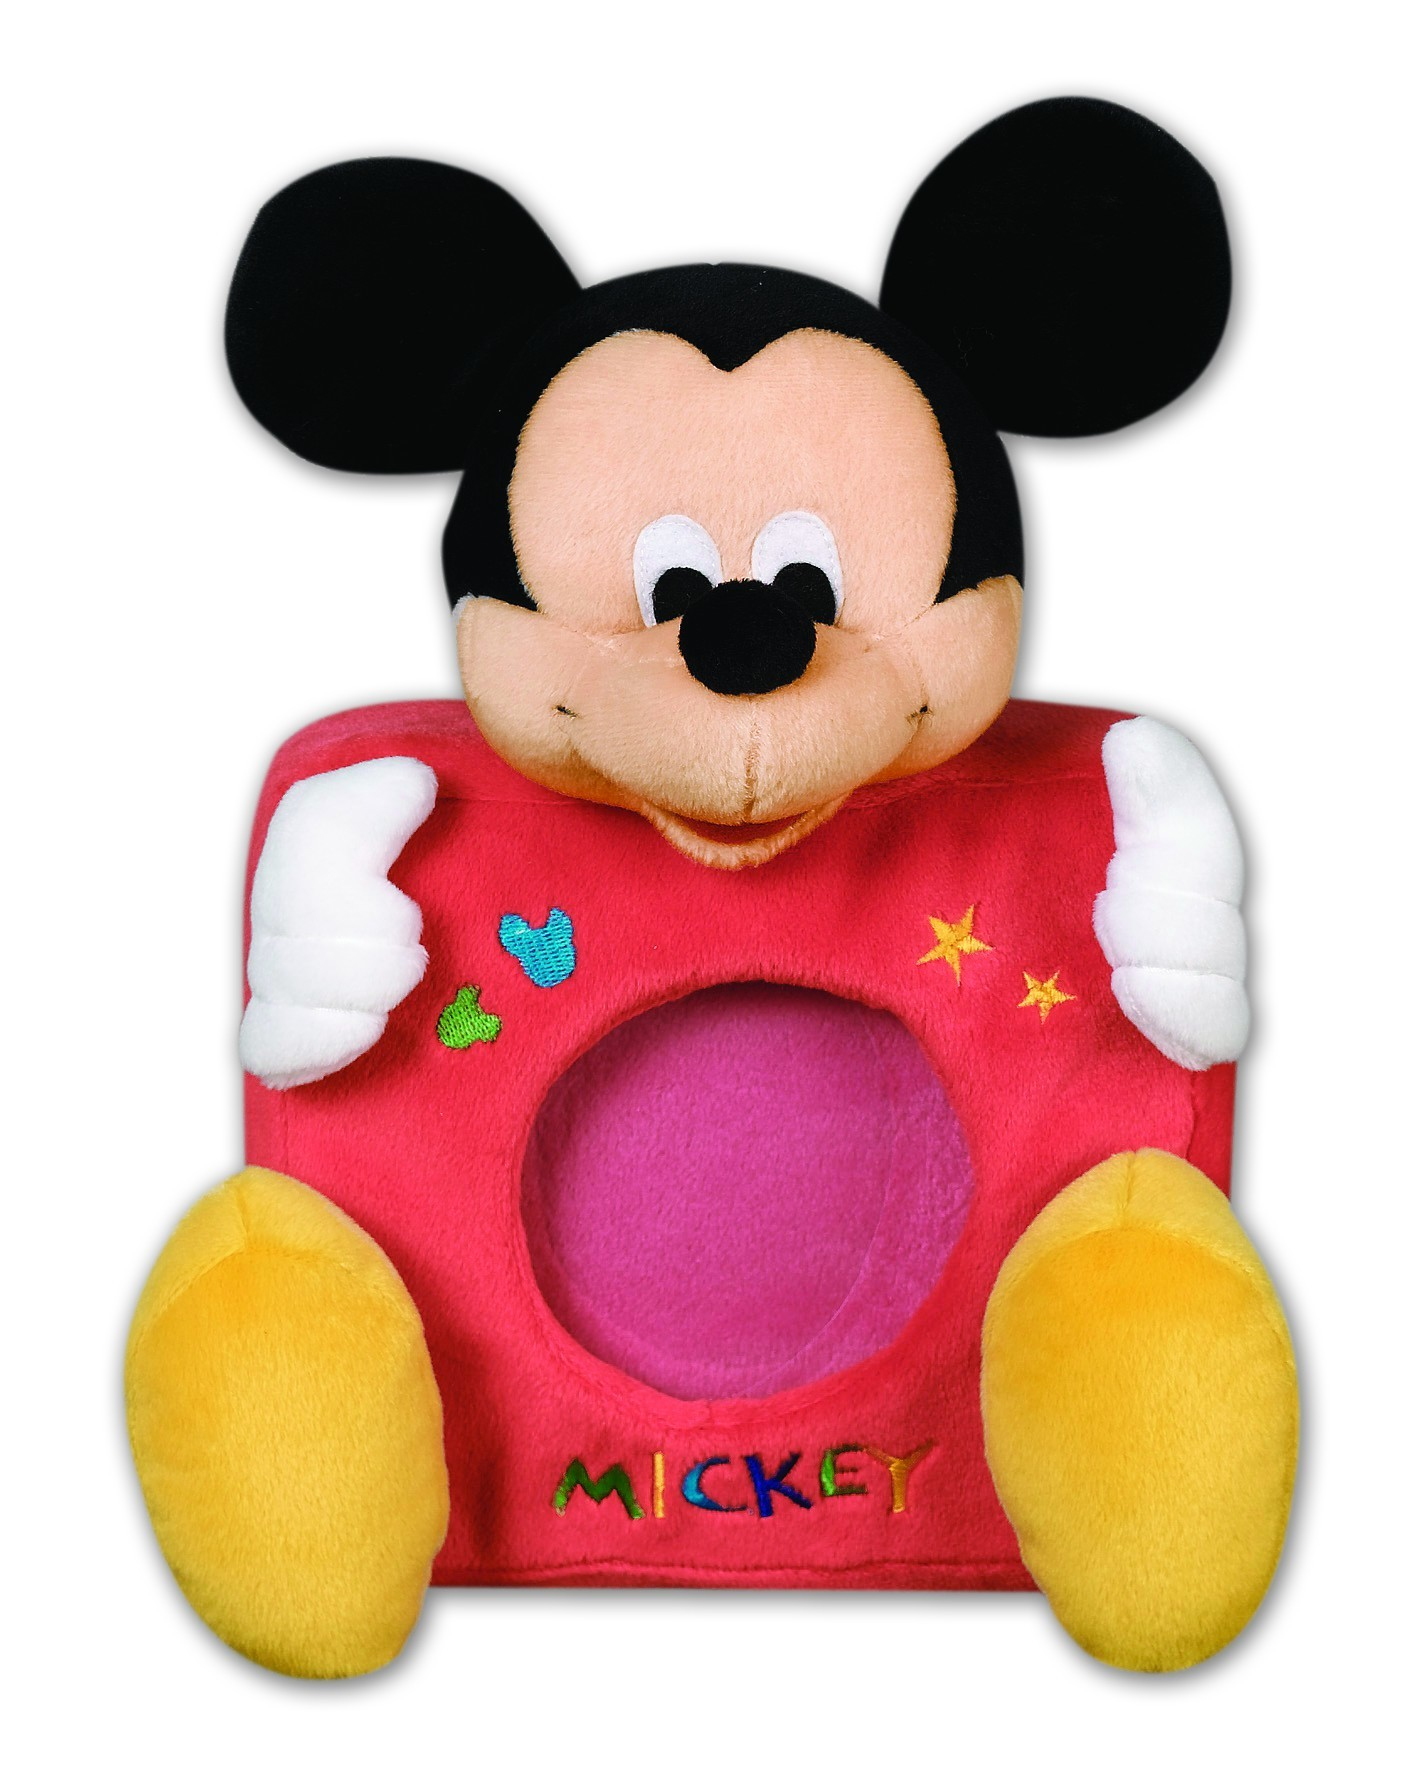 Mickey egér képkeret – Mickey Ilanit